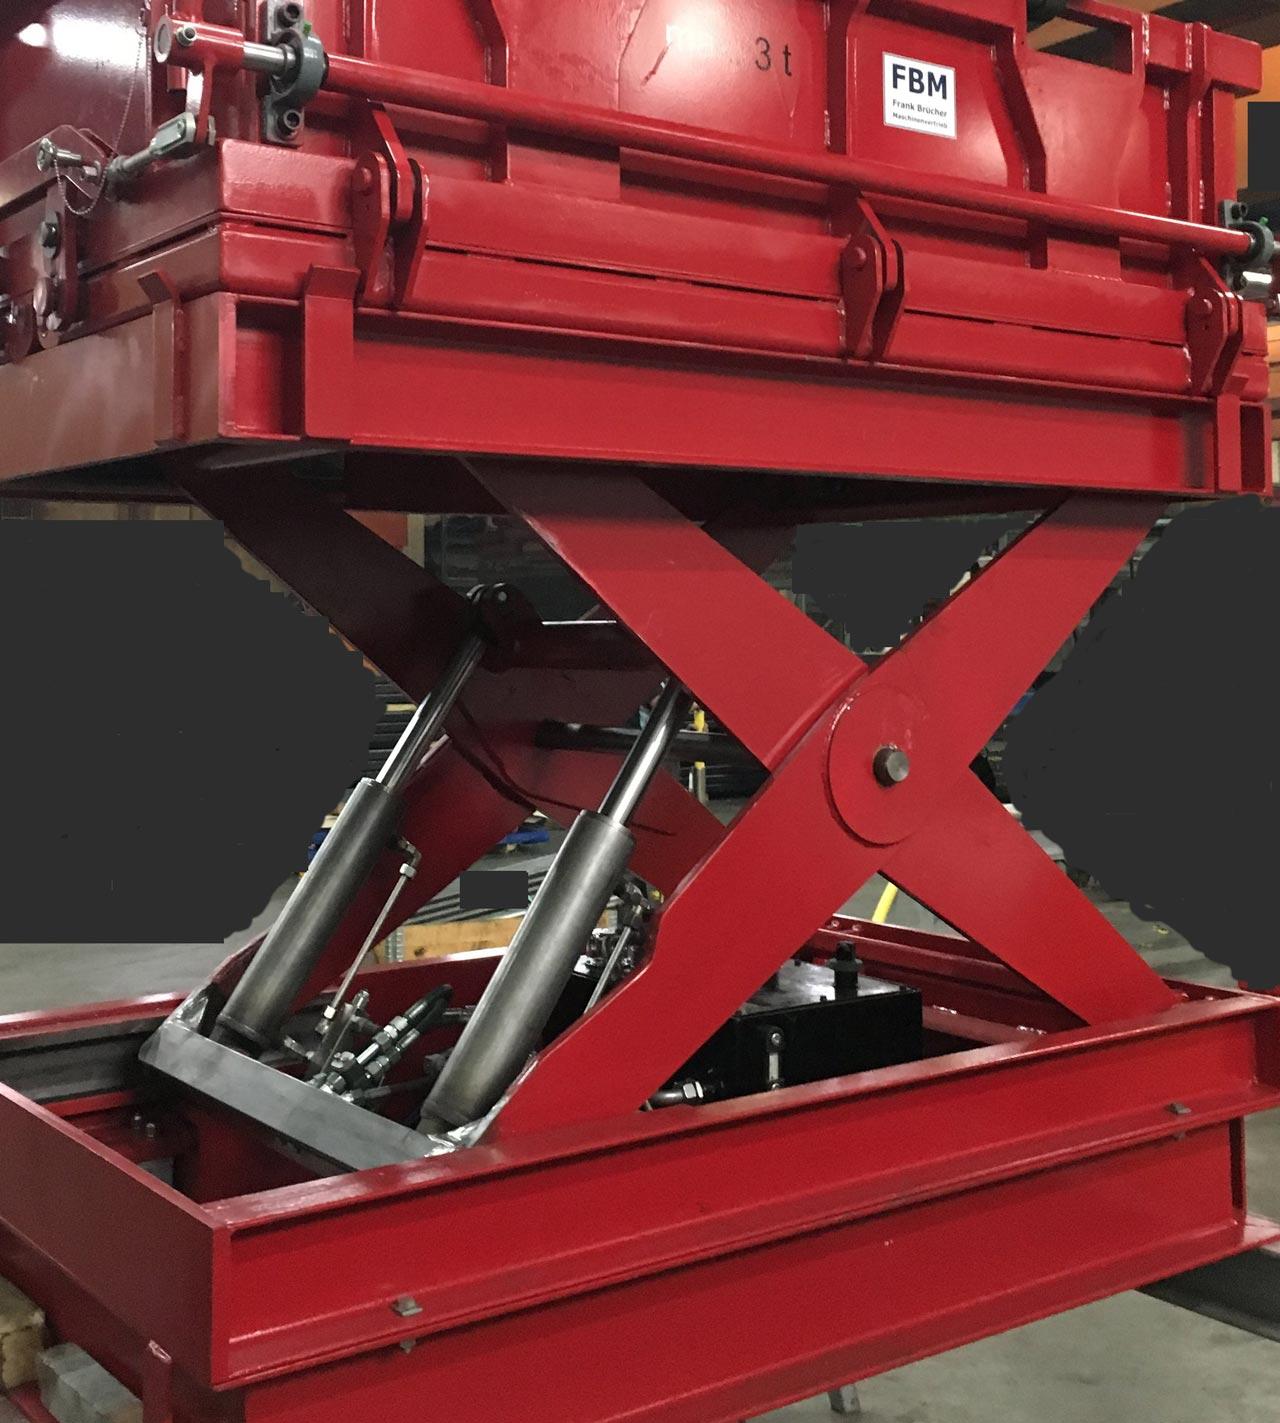 Hubtisch mit Schrottbox, Scherenhubtisch, fahrbarer Hubtisch, Schrottcontainer, Hebetisch